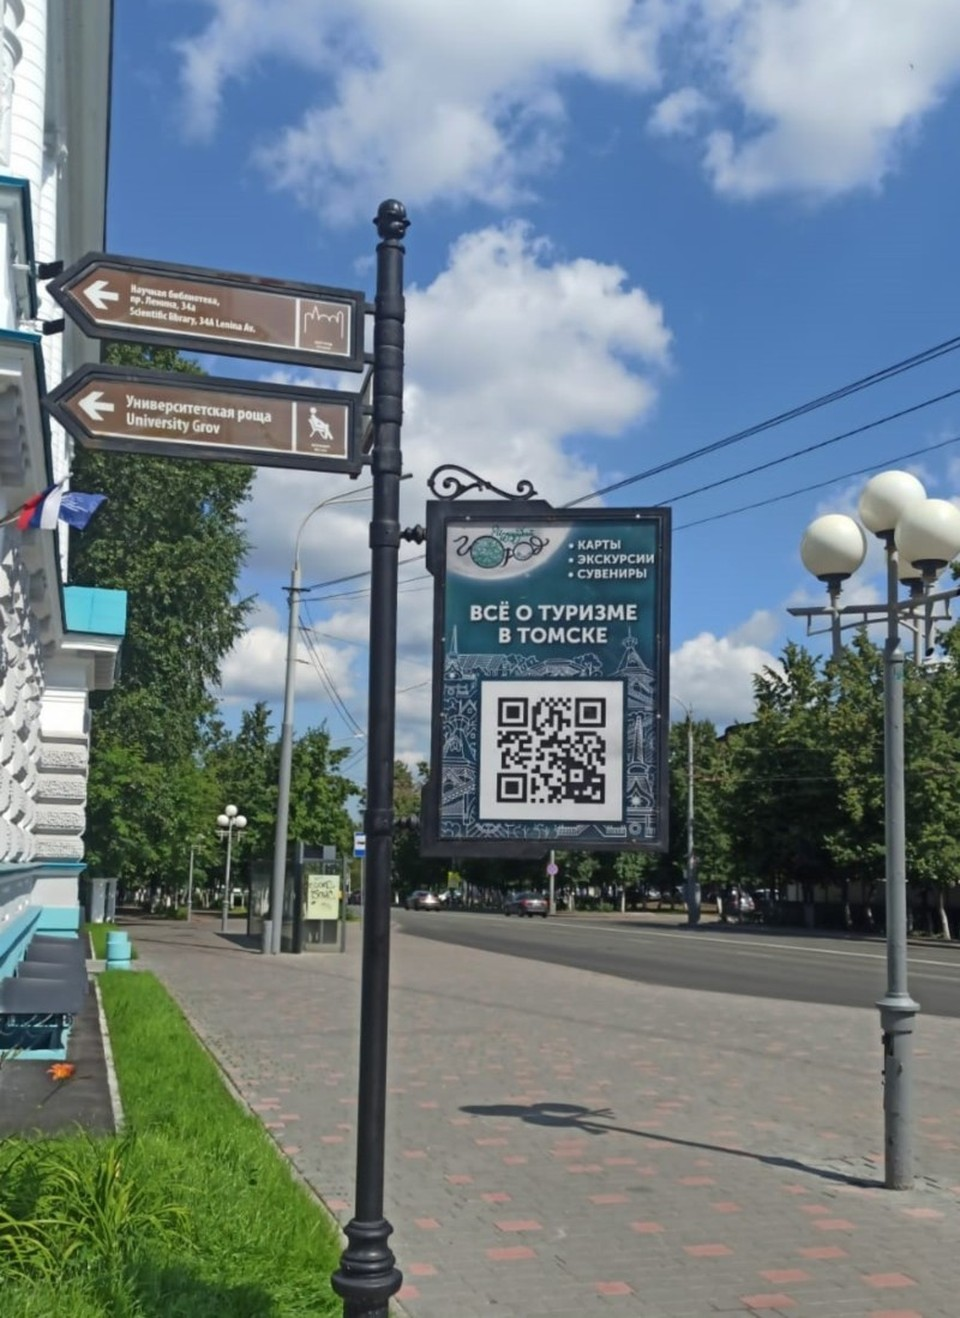 Для того, чтобы найти информацию о популярных туристических маршрутах Томска достаточно отсканировать с помощью камеры телефона представленный на указателе QR-код.